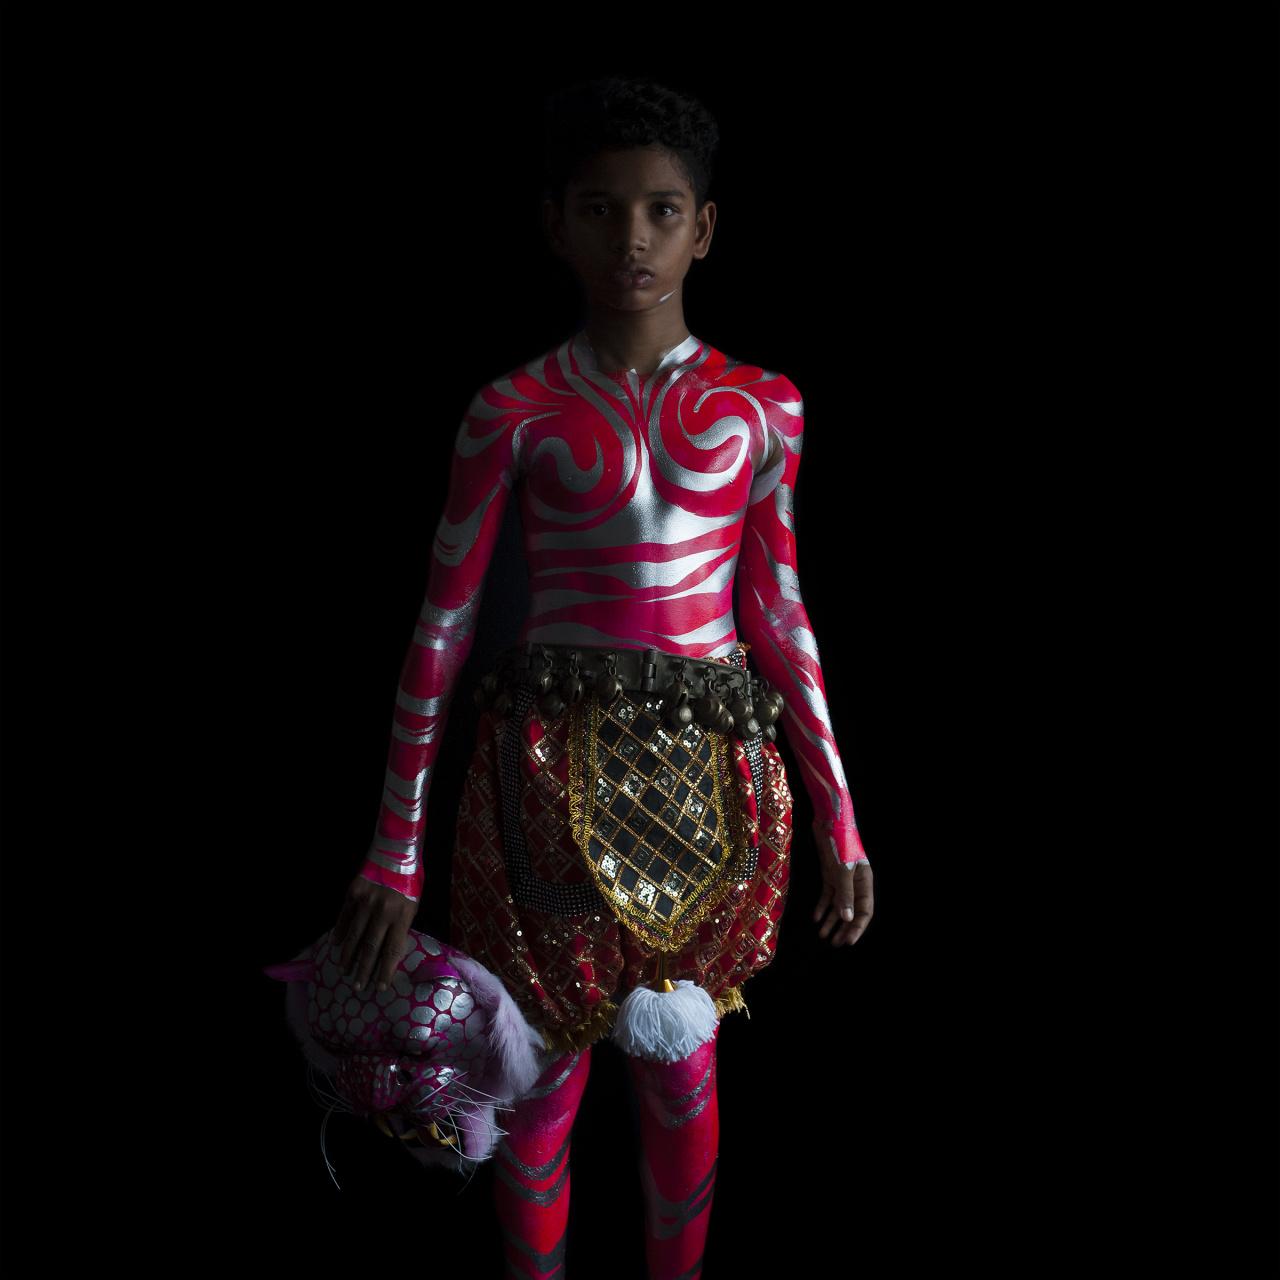 Iwajla Klinke, Therian Infantes VIII, 2017